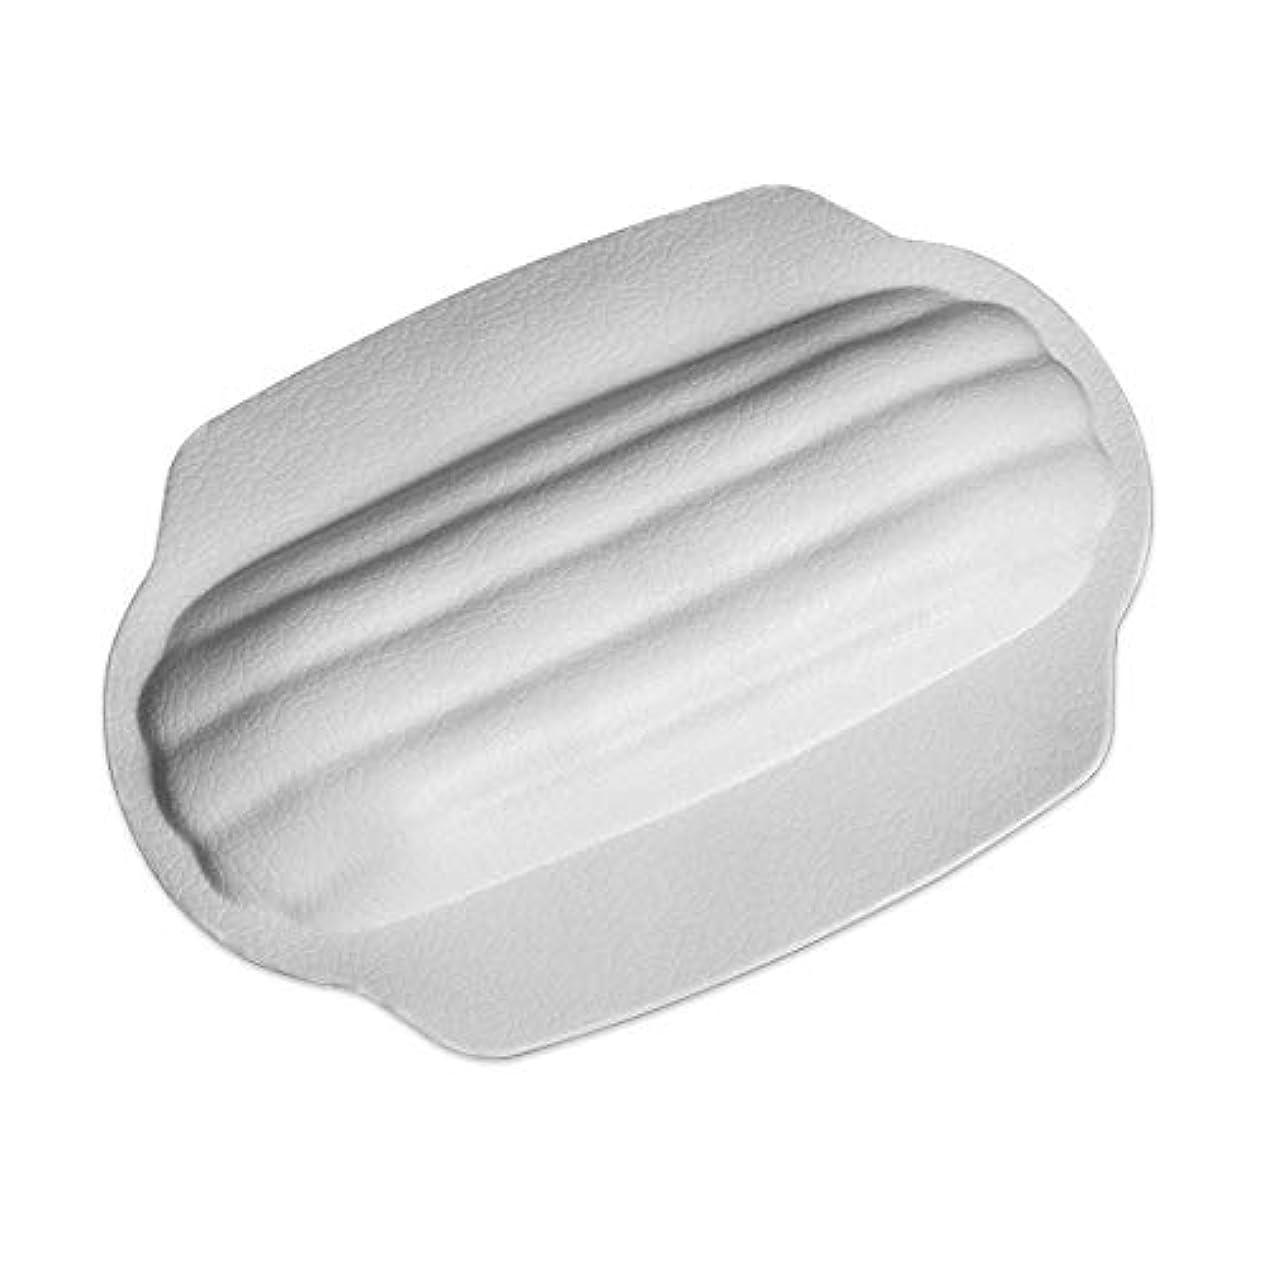 協会リッチガイドラインサクションカップ付き防水滑り止めスパ枕厚めユニバーサルバスタブ枕バスタブと抗菌性